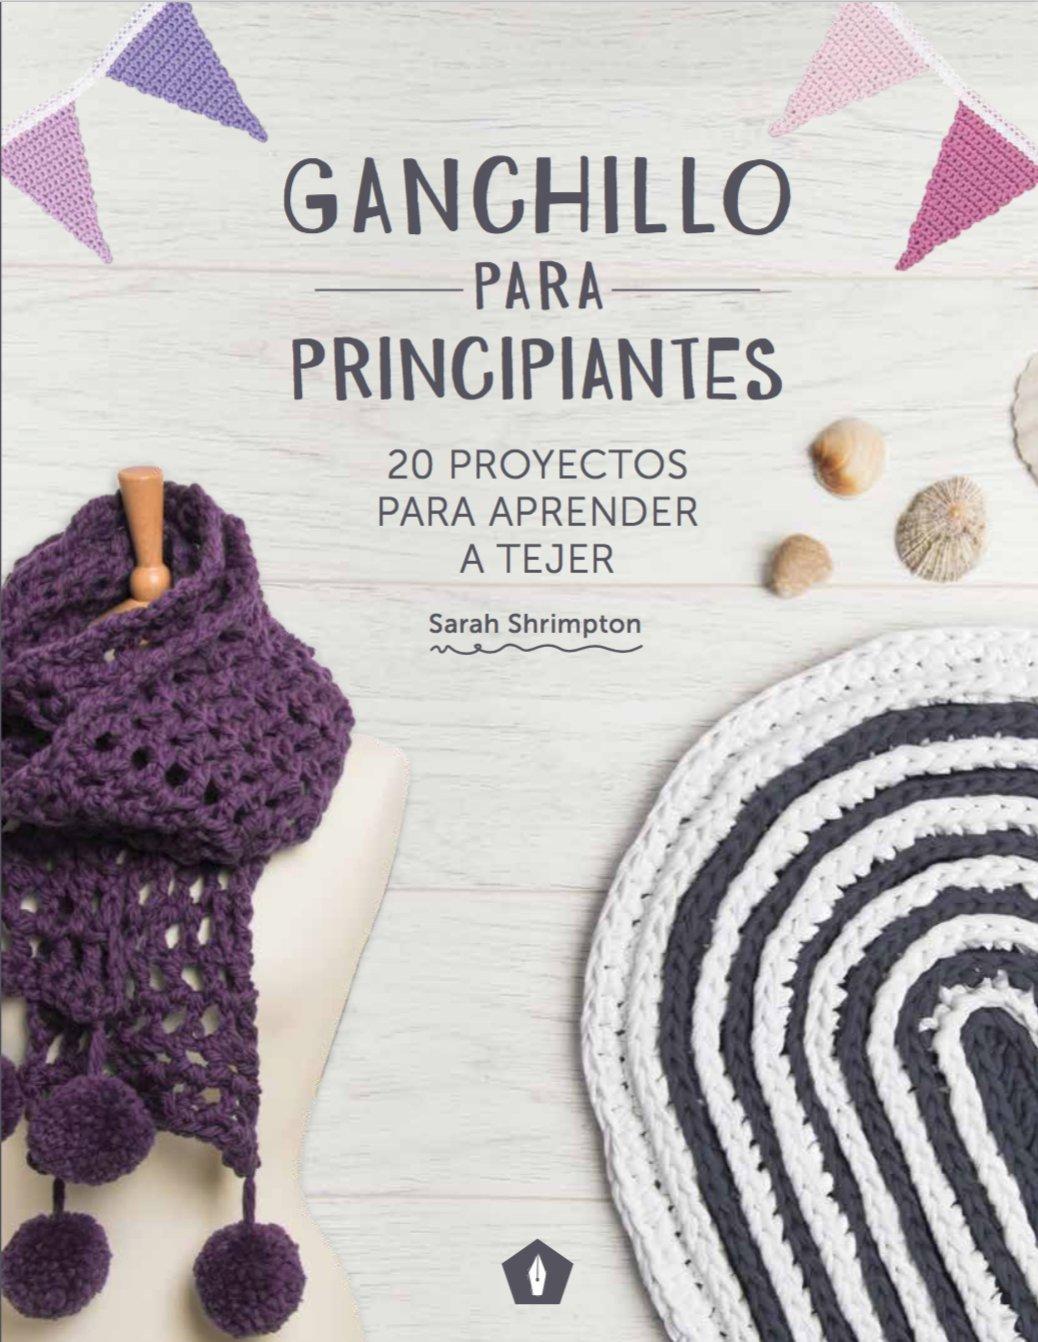 Ganchillo para principiantes : 20 proyectos para aprender a tejer ...